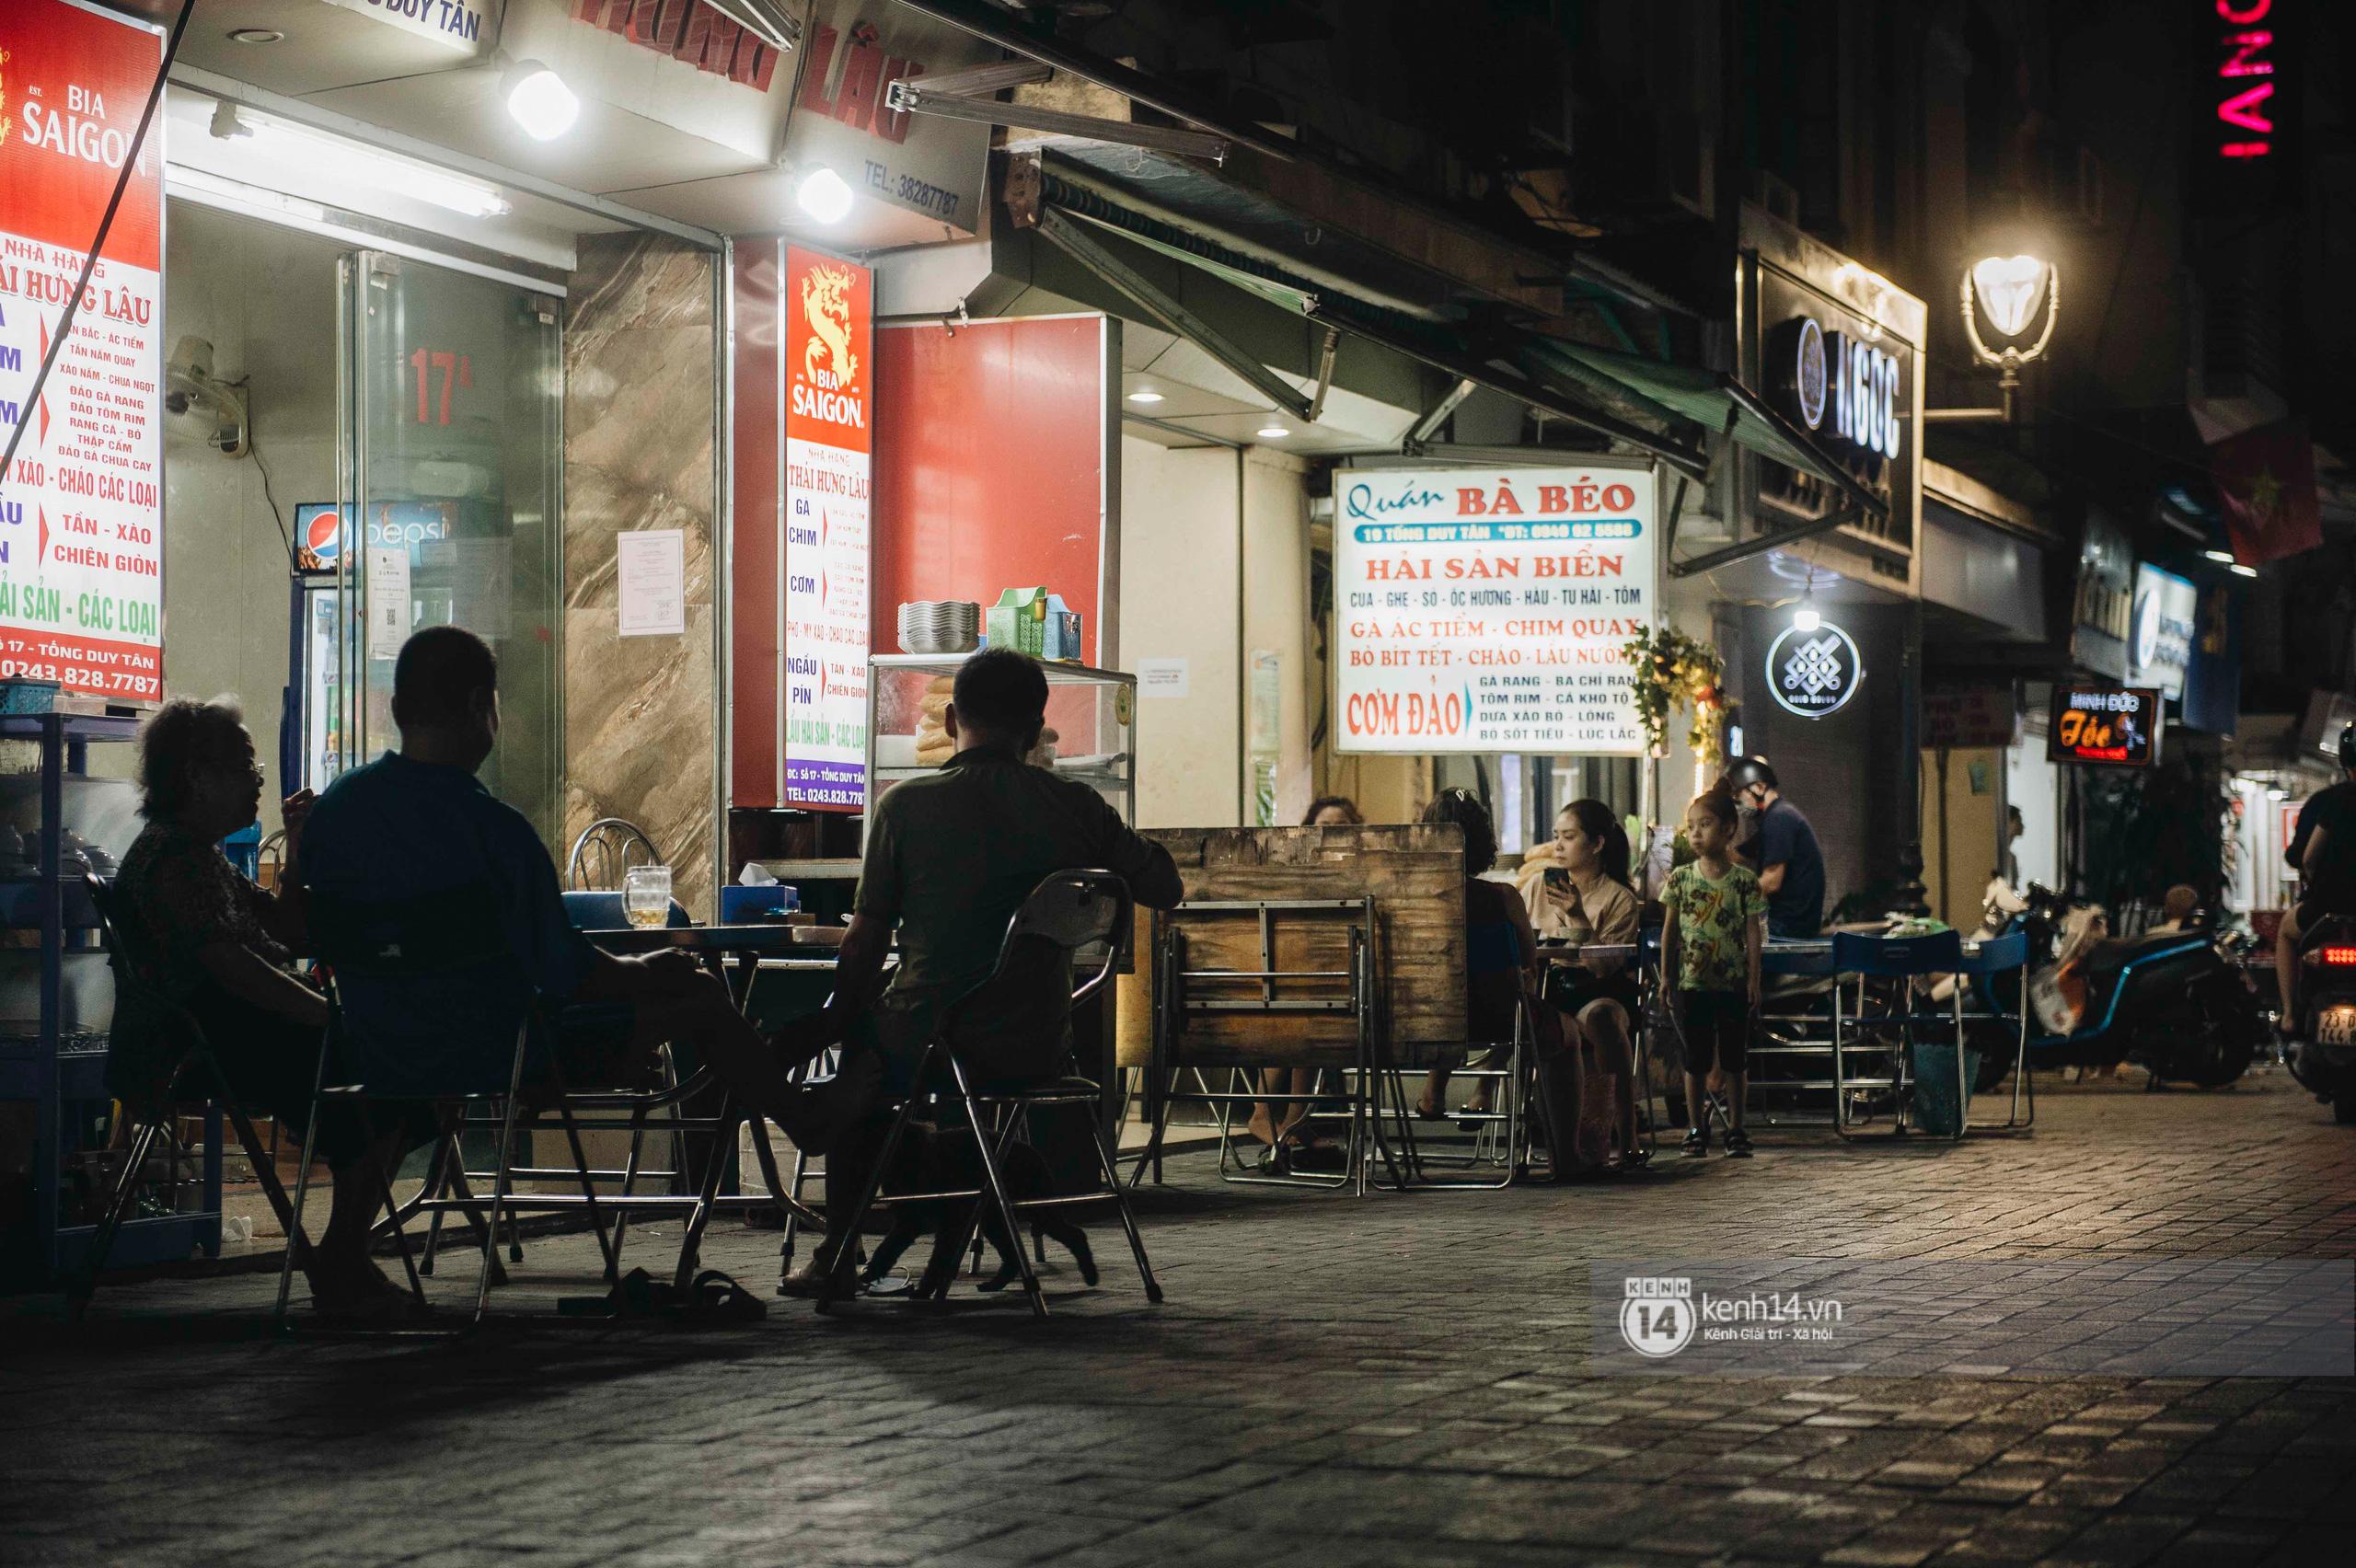 Các khu phố ăn chơi Hà Nội giữa đợt dịch Covid-19 thứ 4: Tạ Hiện vắng vẻ đến ảm đạm, nơi khác lại đông đúc không ngờ - Ảnh 13.